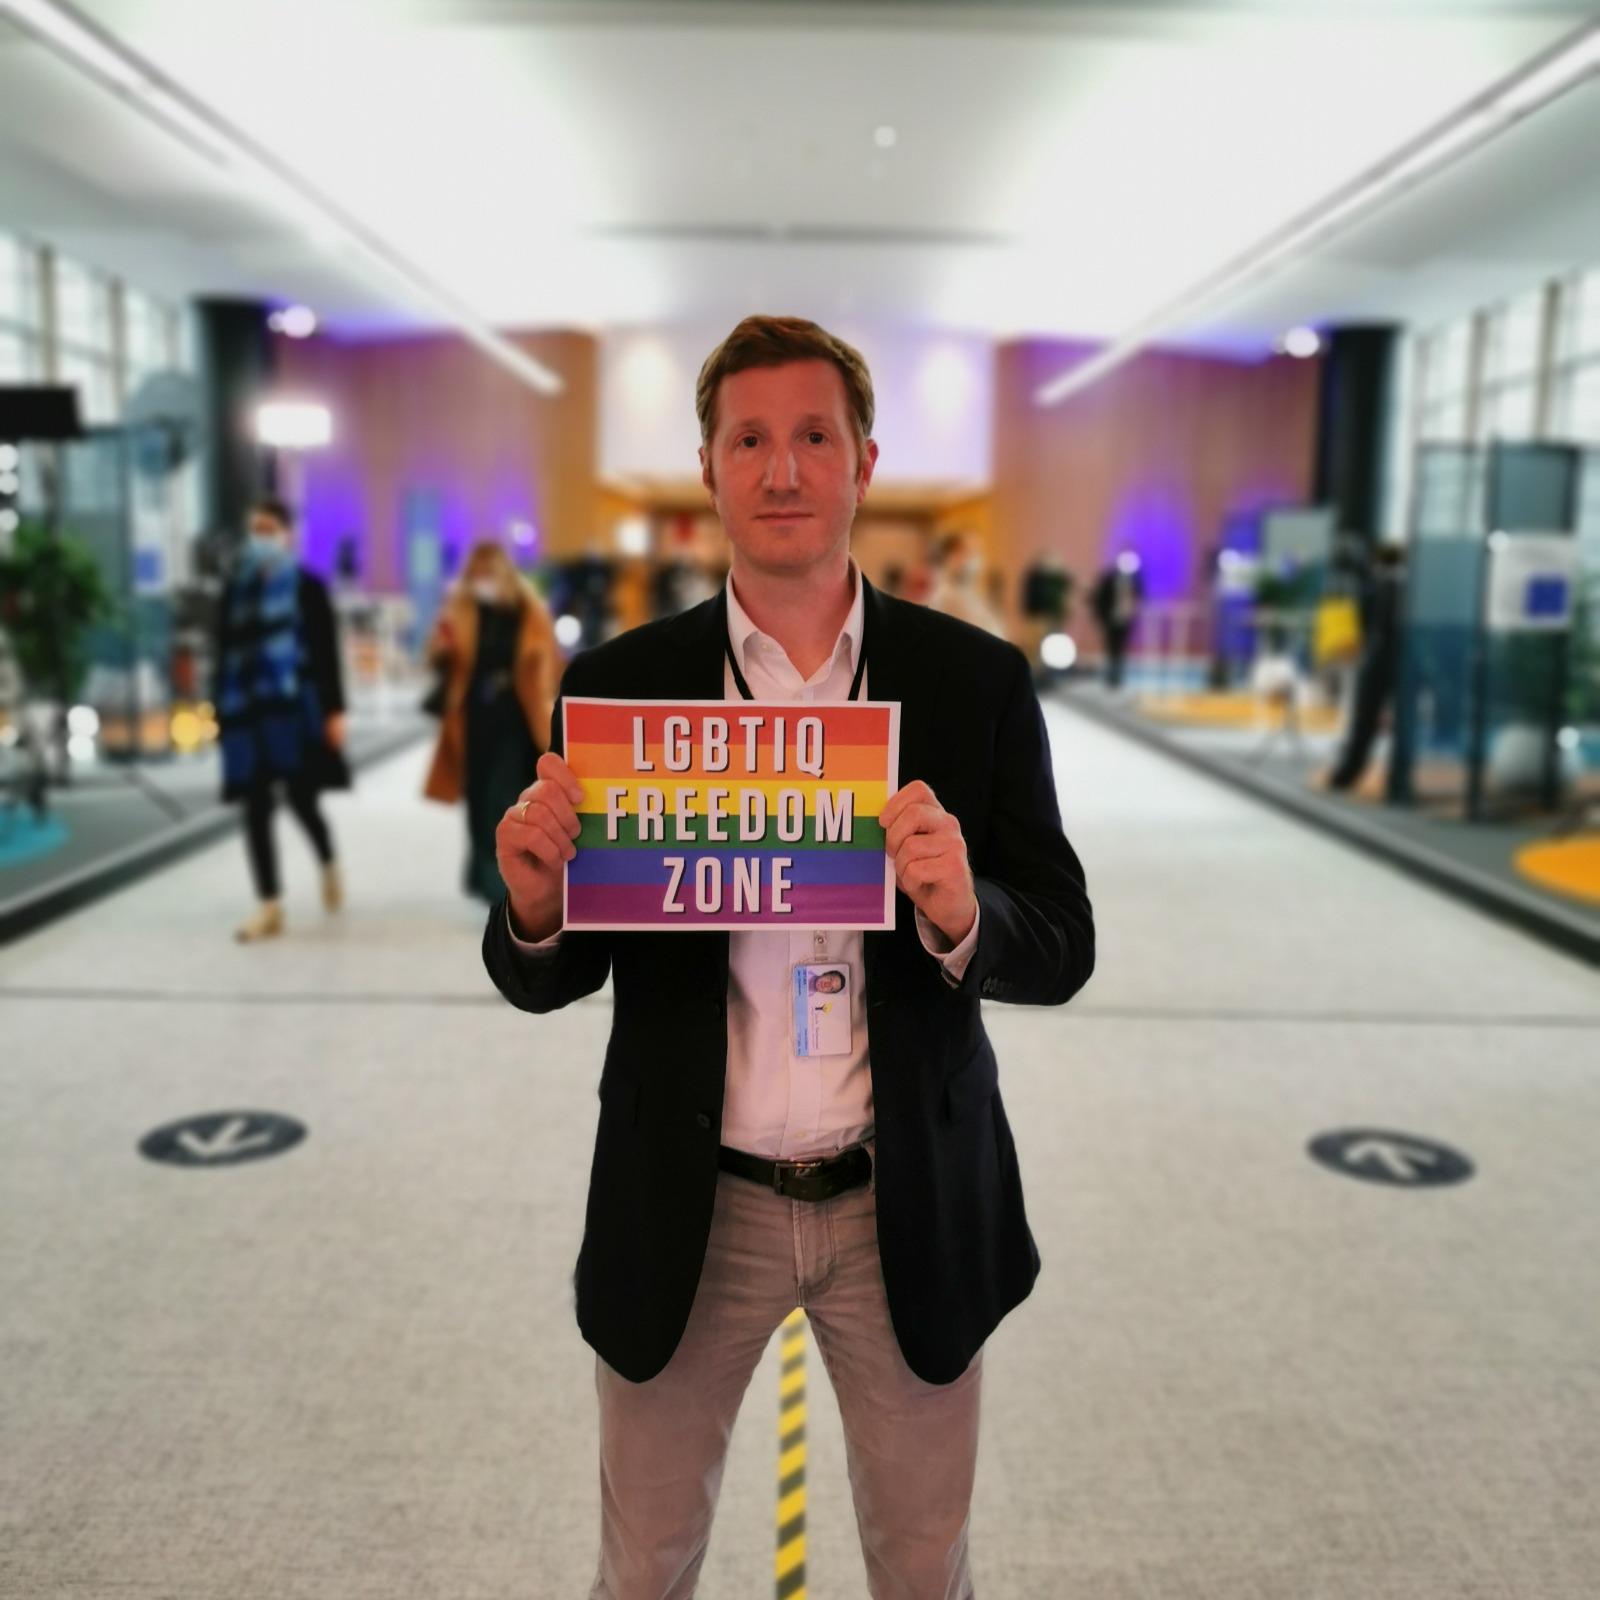 LGBTIQ-Freedom Zone – Europa bleibt bunt